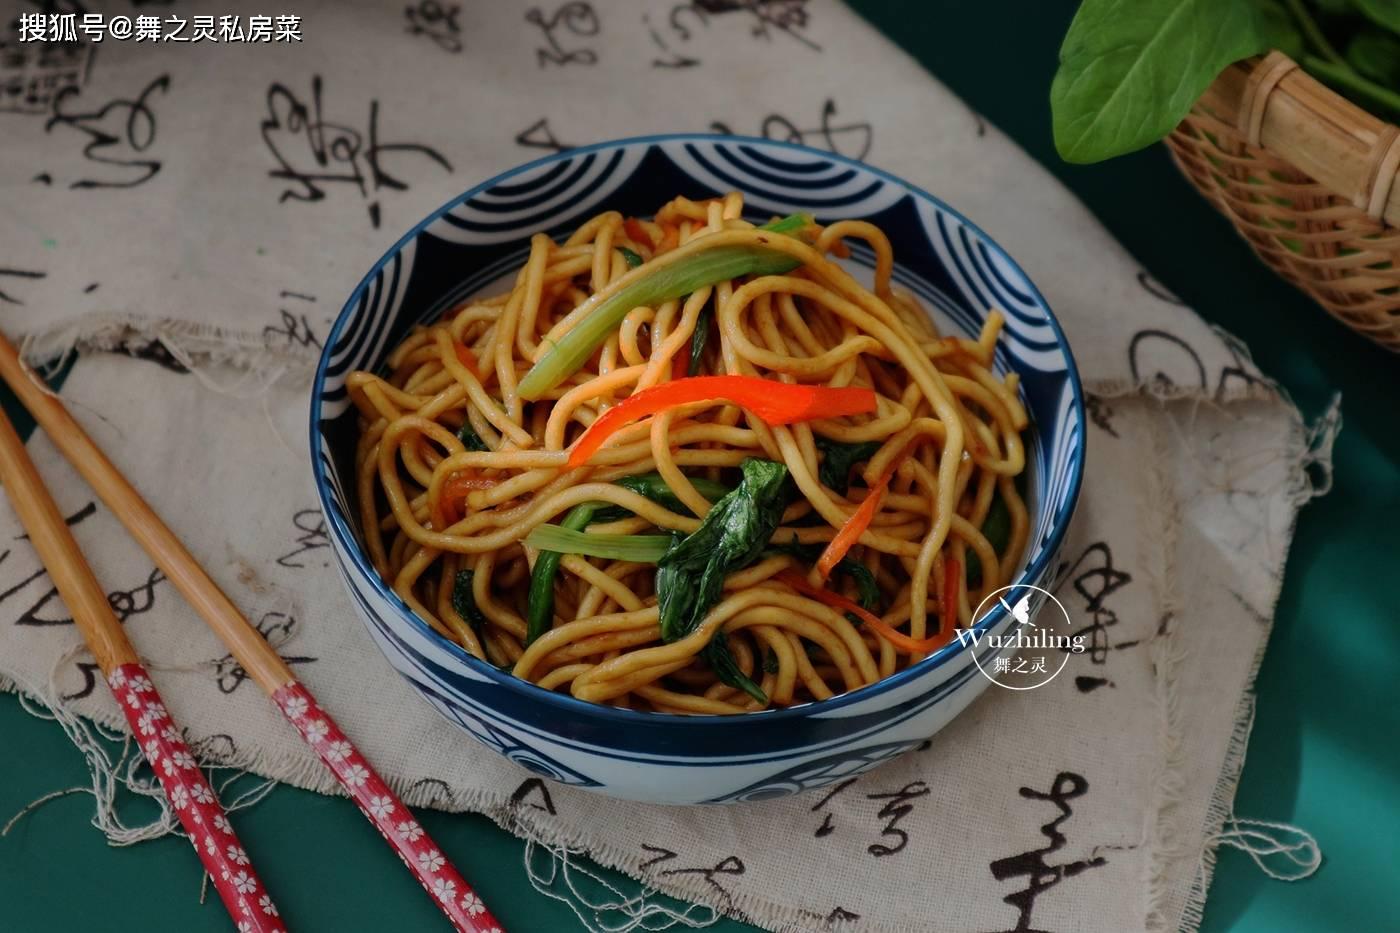 我家一周吃5次的早餐,比锅边油条健康,好吃营养,做法简单